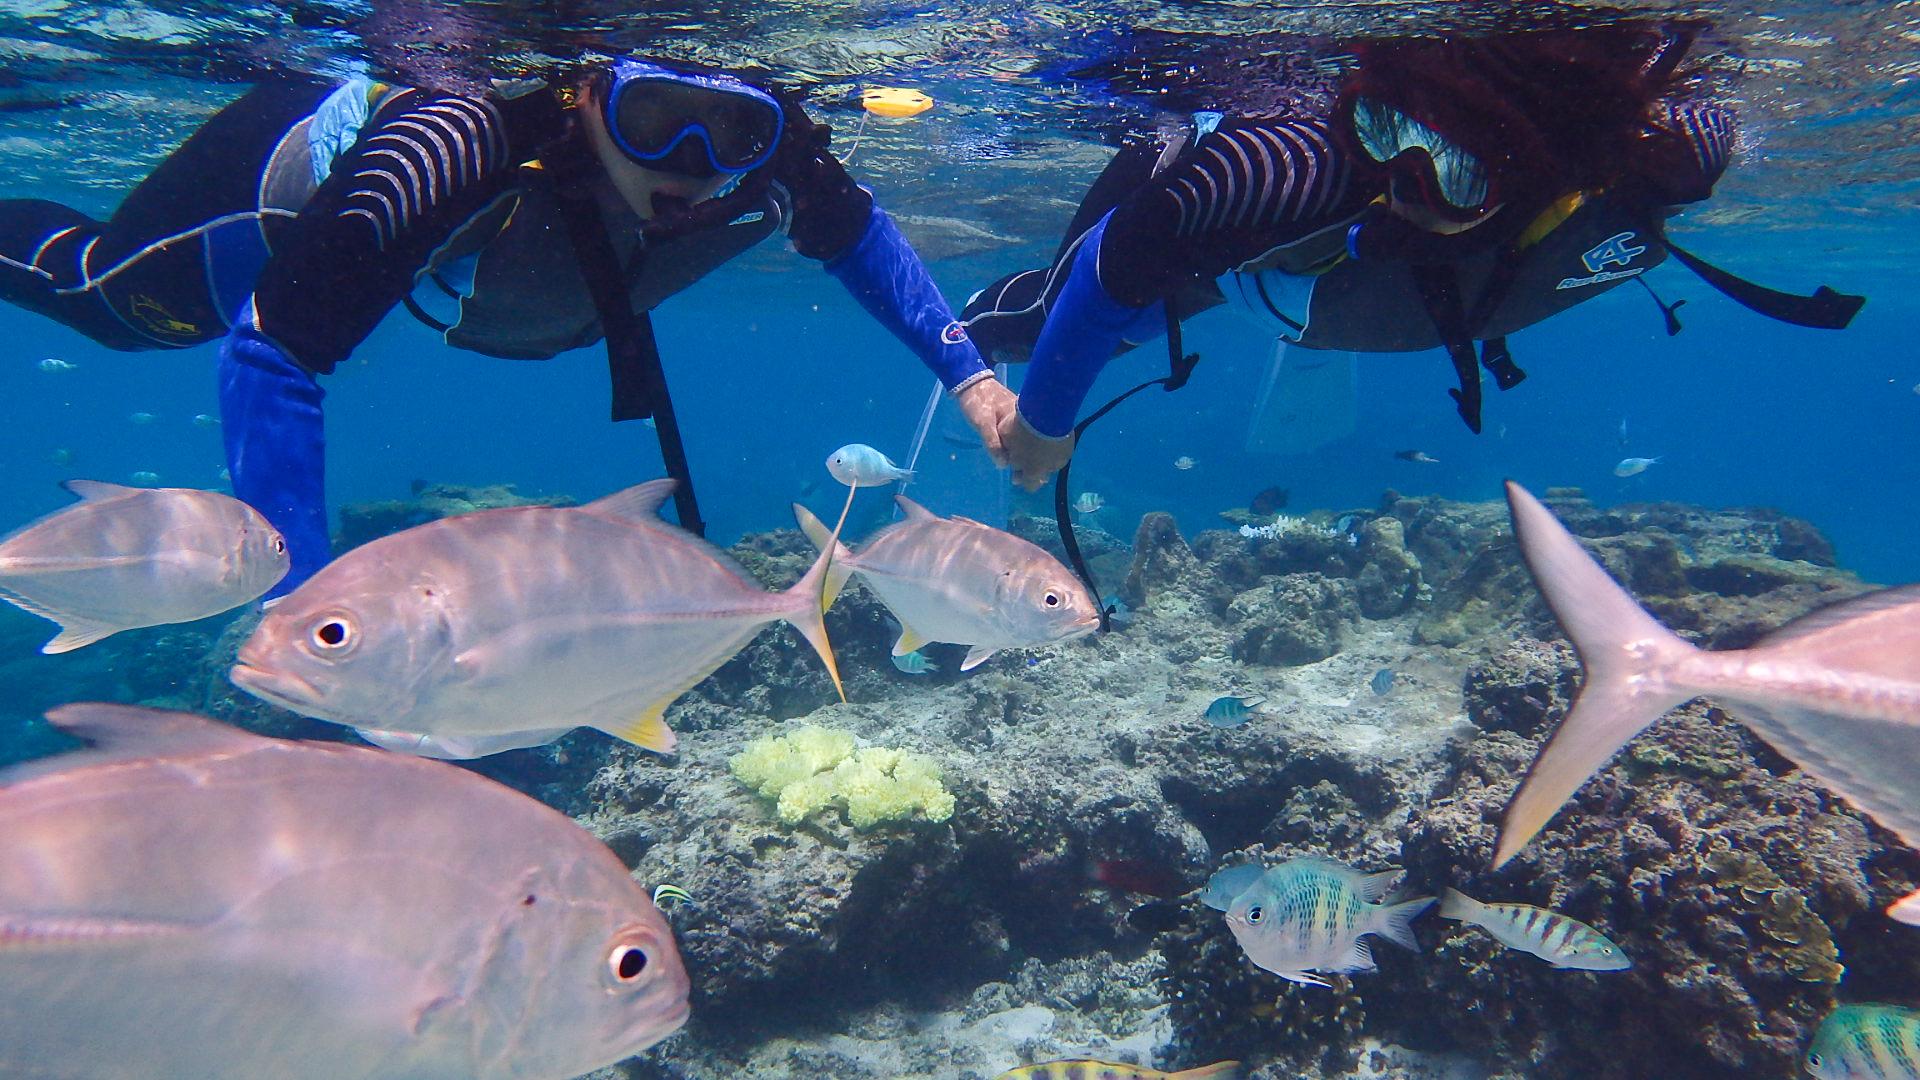 大きな熱帯魚をシュノーケリングで鑑賞